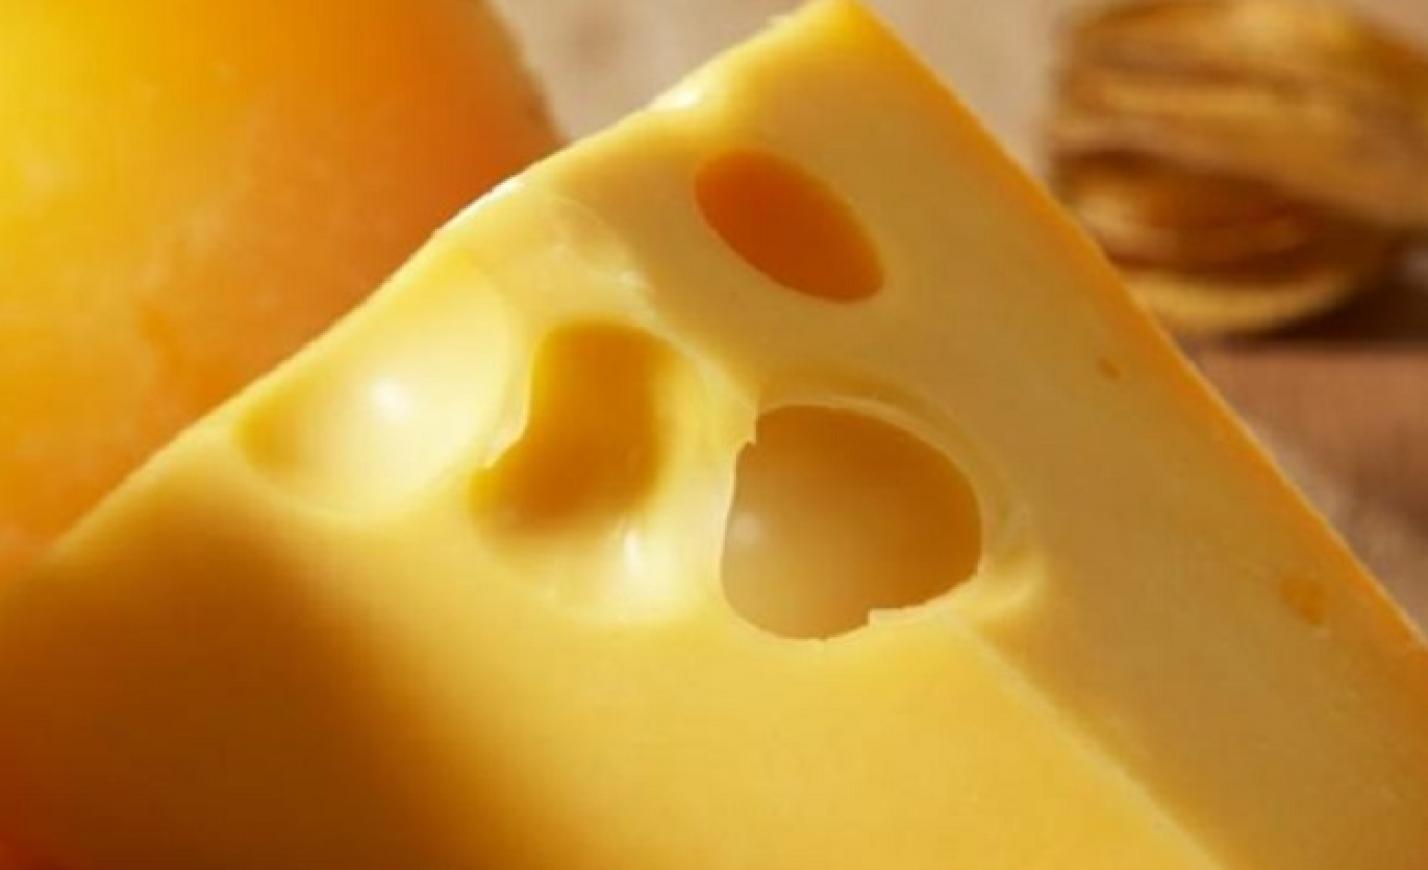 Nébih: a trappista sajtok megfeleltek az élelmiszerbiztonsági szempontoknak